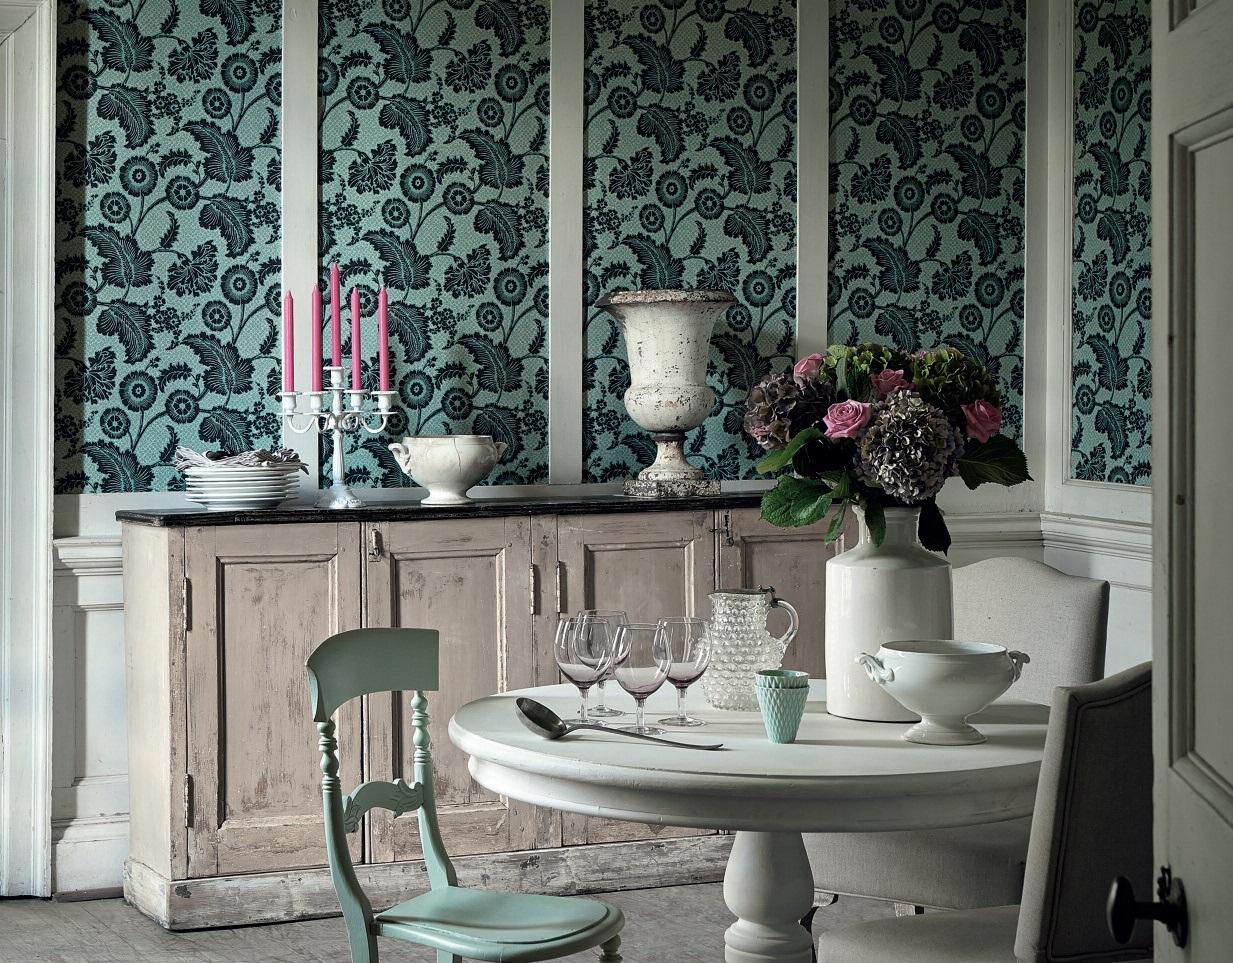 Papier peint salon noir et blanc - Installer du papier peint ...